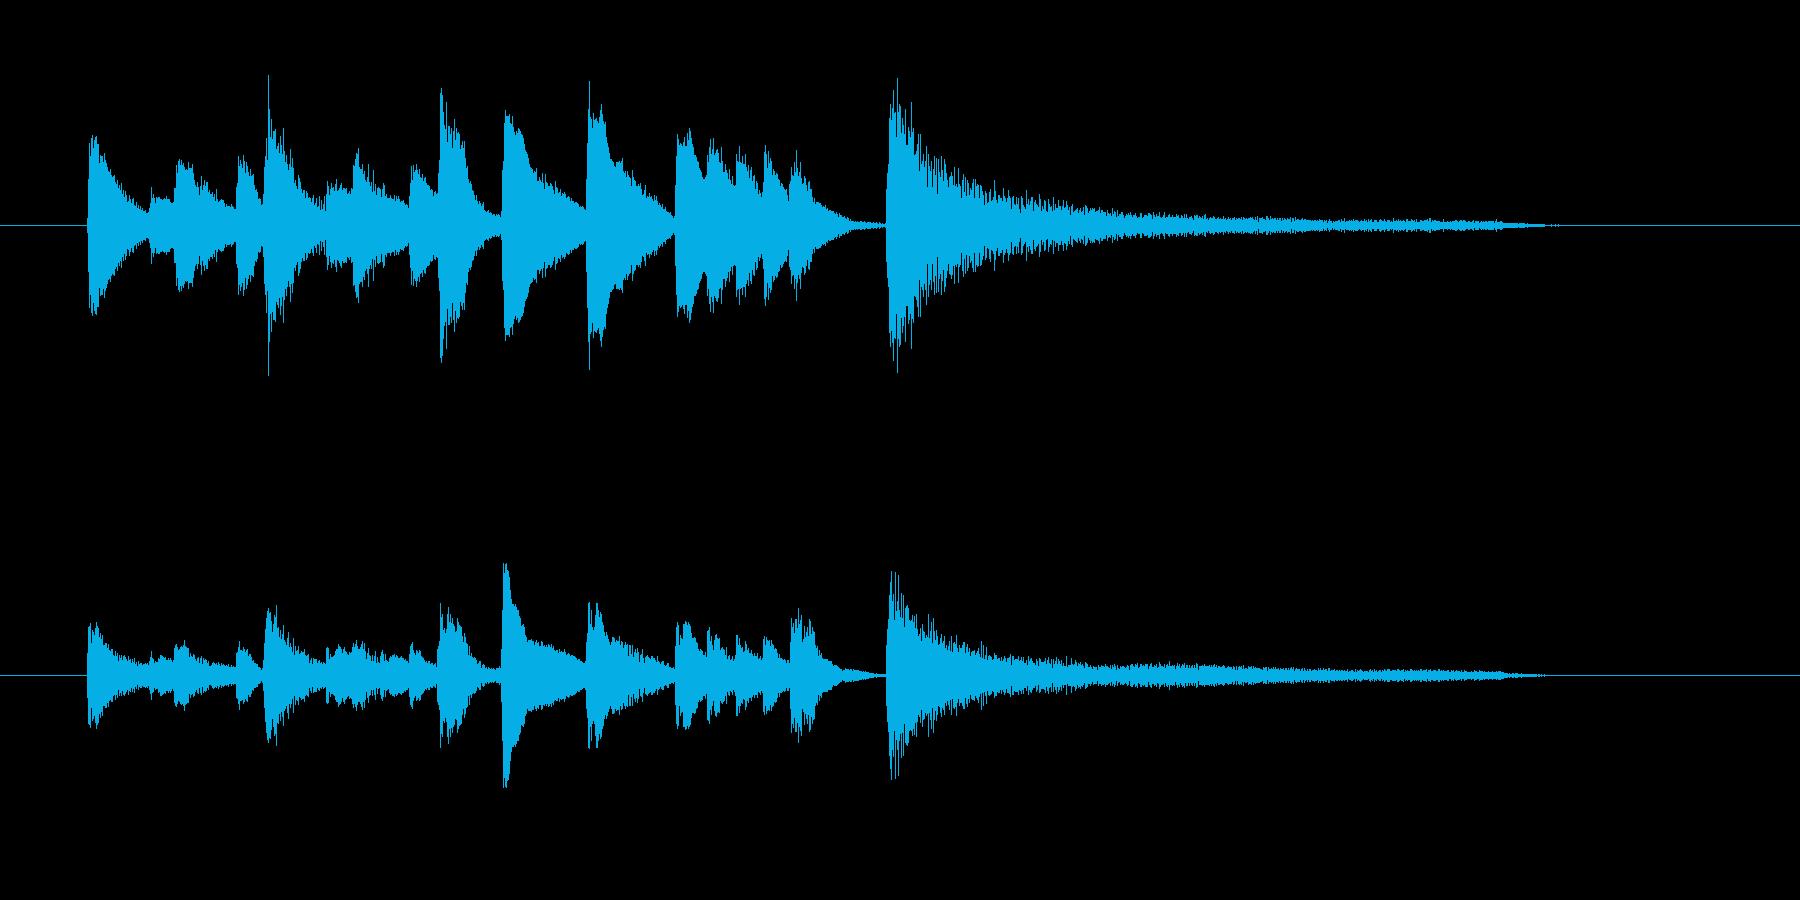 ジャジーなピアノのジングルの再生済みの波形